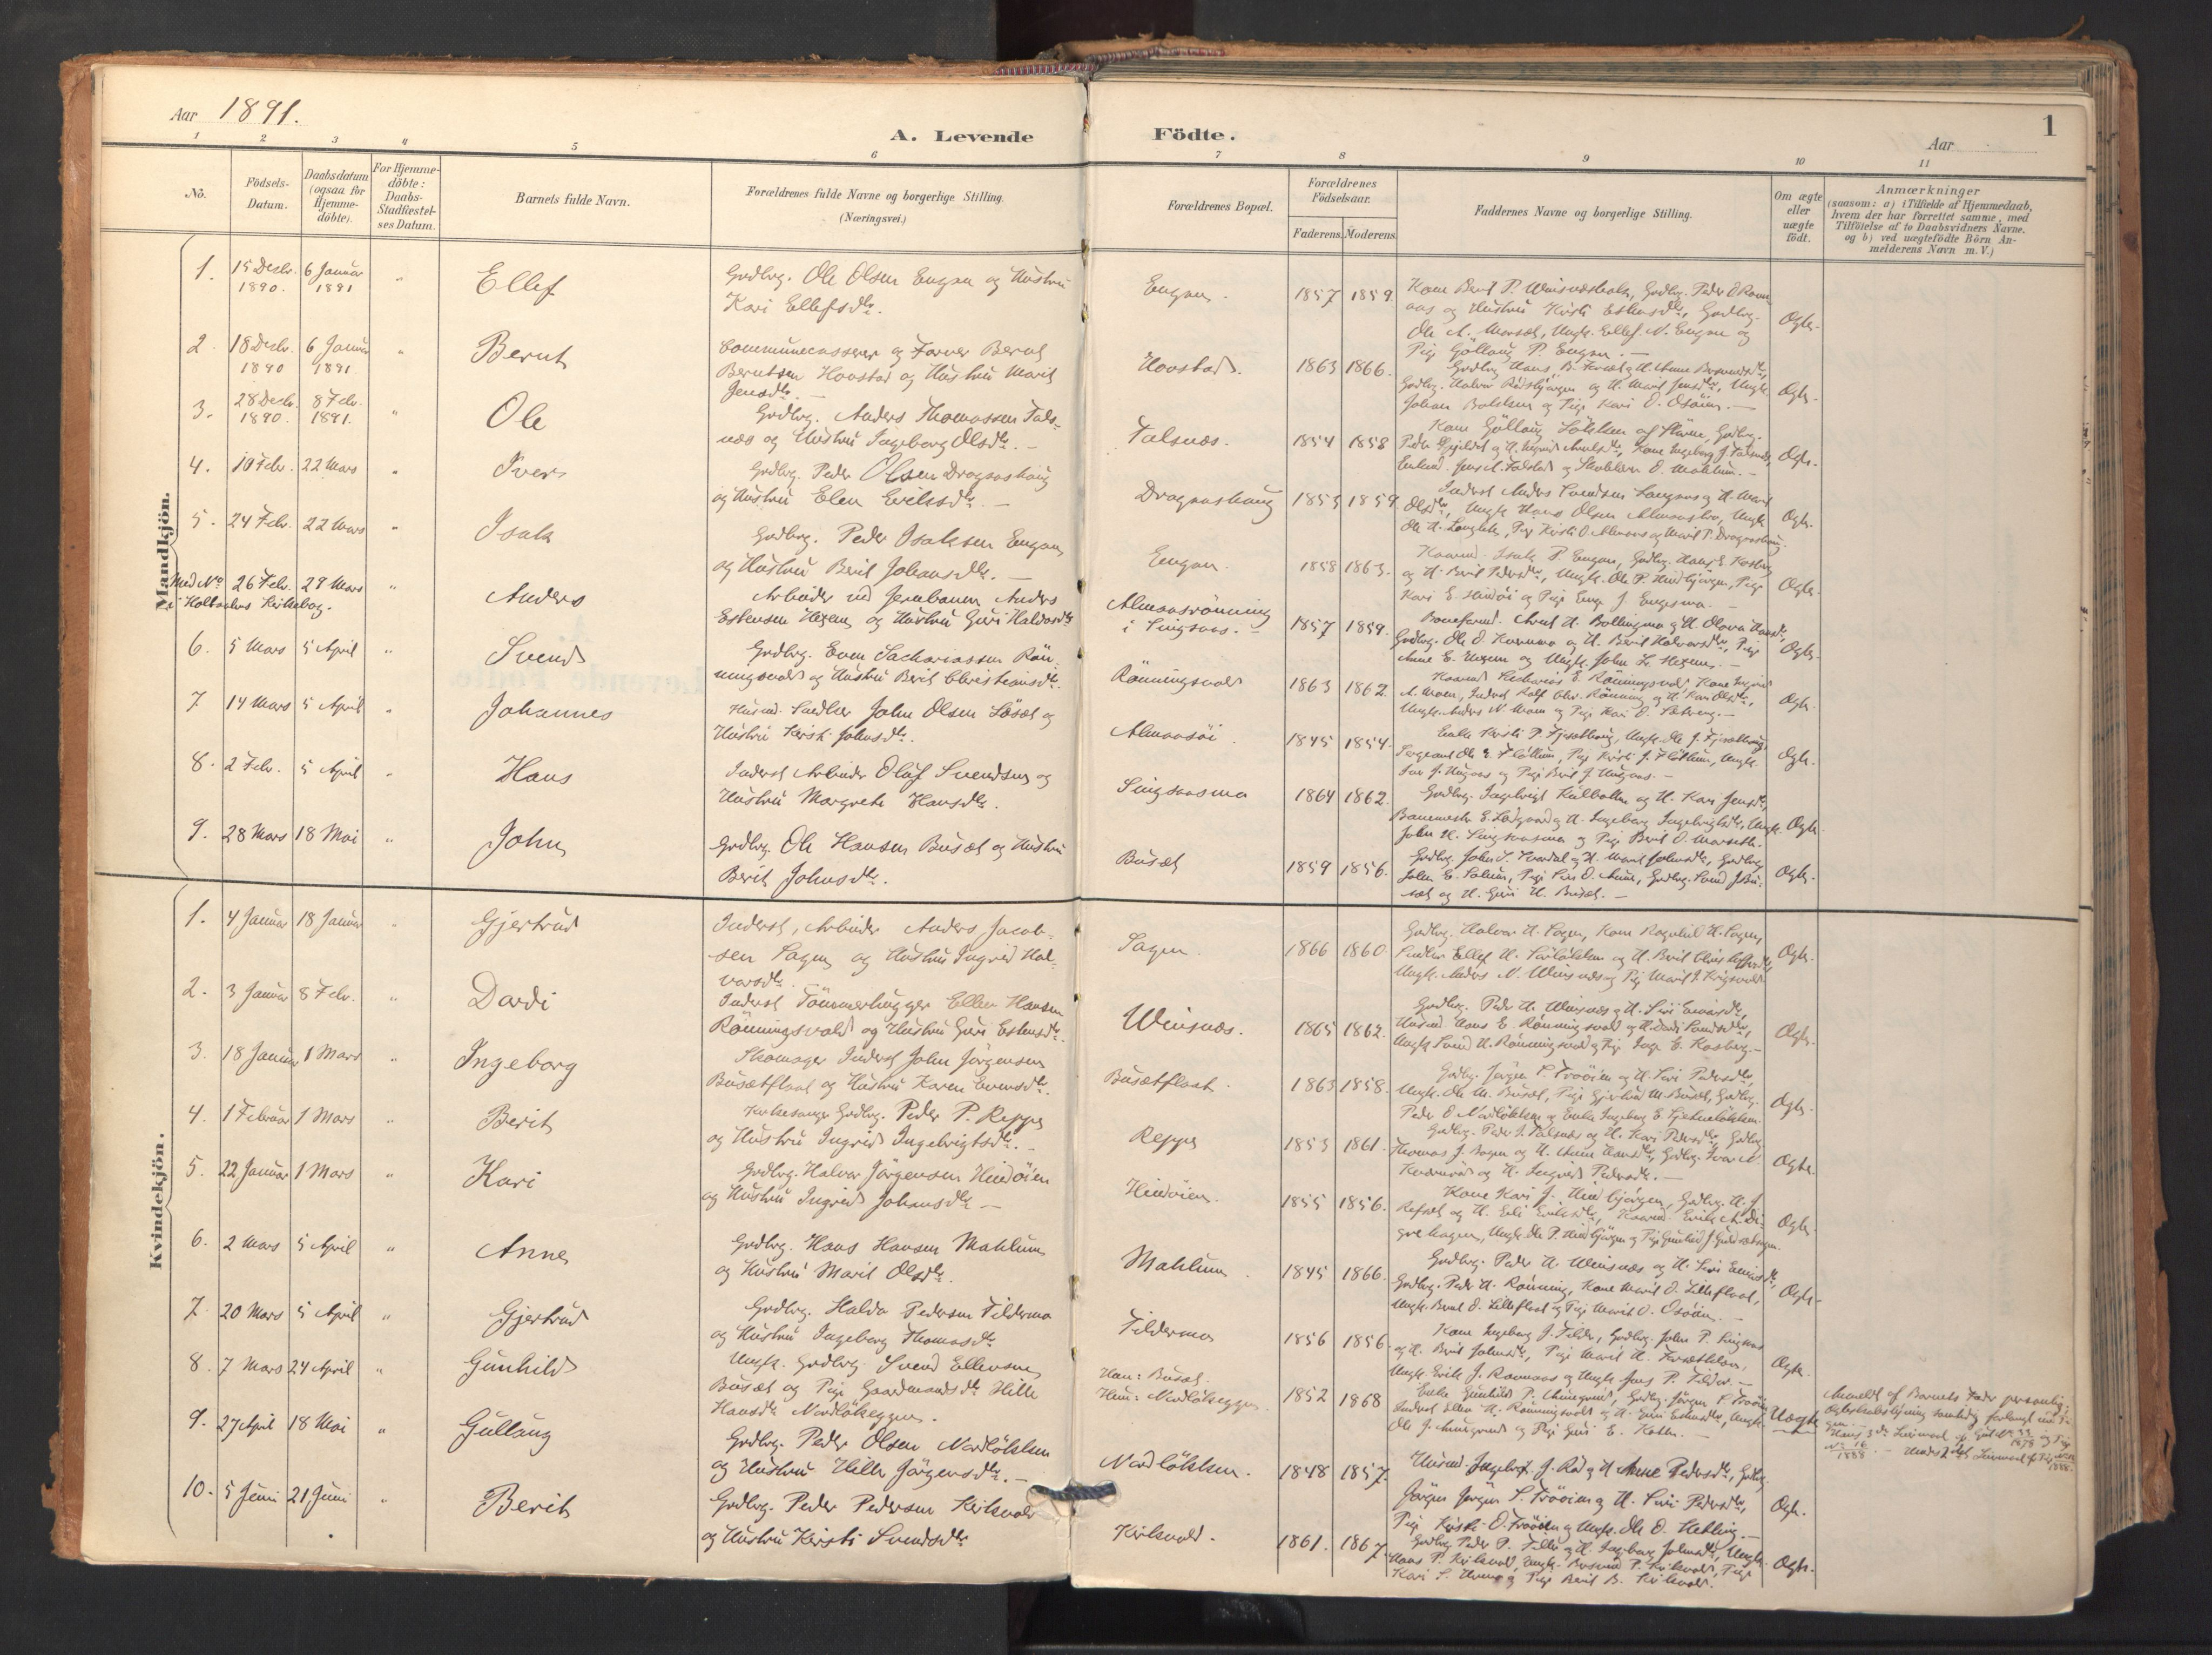 SAT, Ministerialprotokoller, klokkerbøker og fødselsregistre - Sør-Trøndelag, 688/L1025: Ministerialbok nr. 688A02, 1891-1909, s. 1